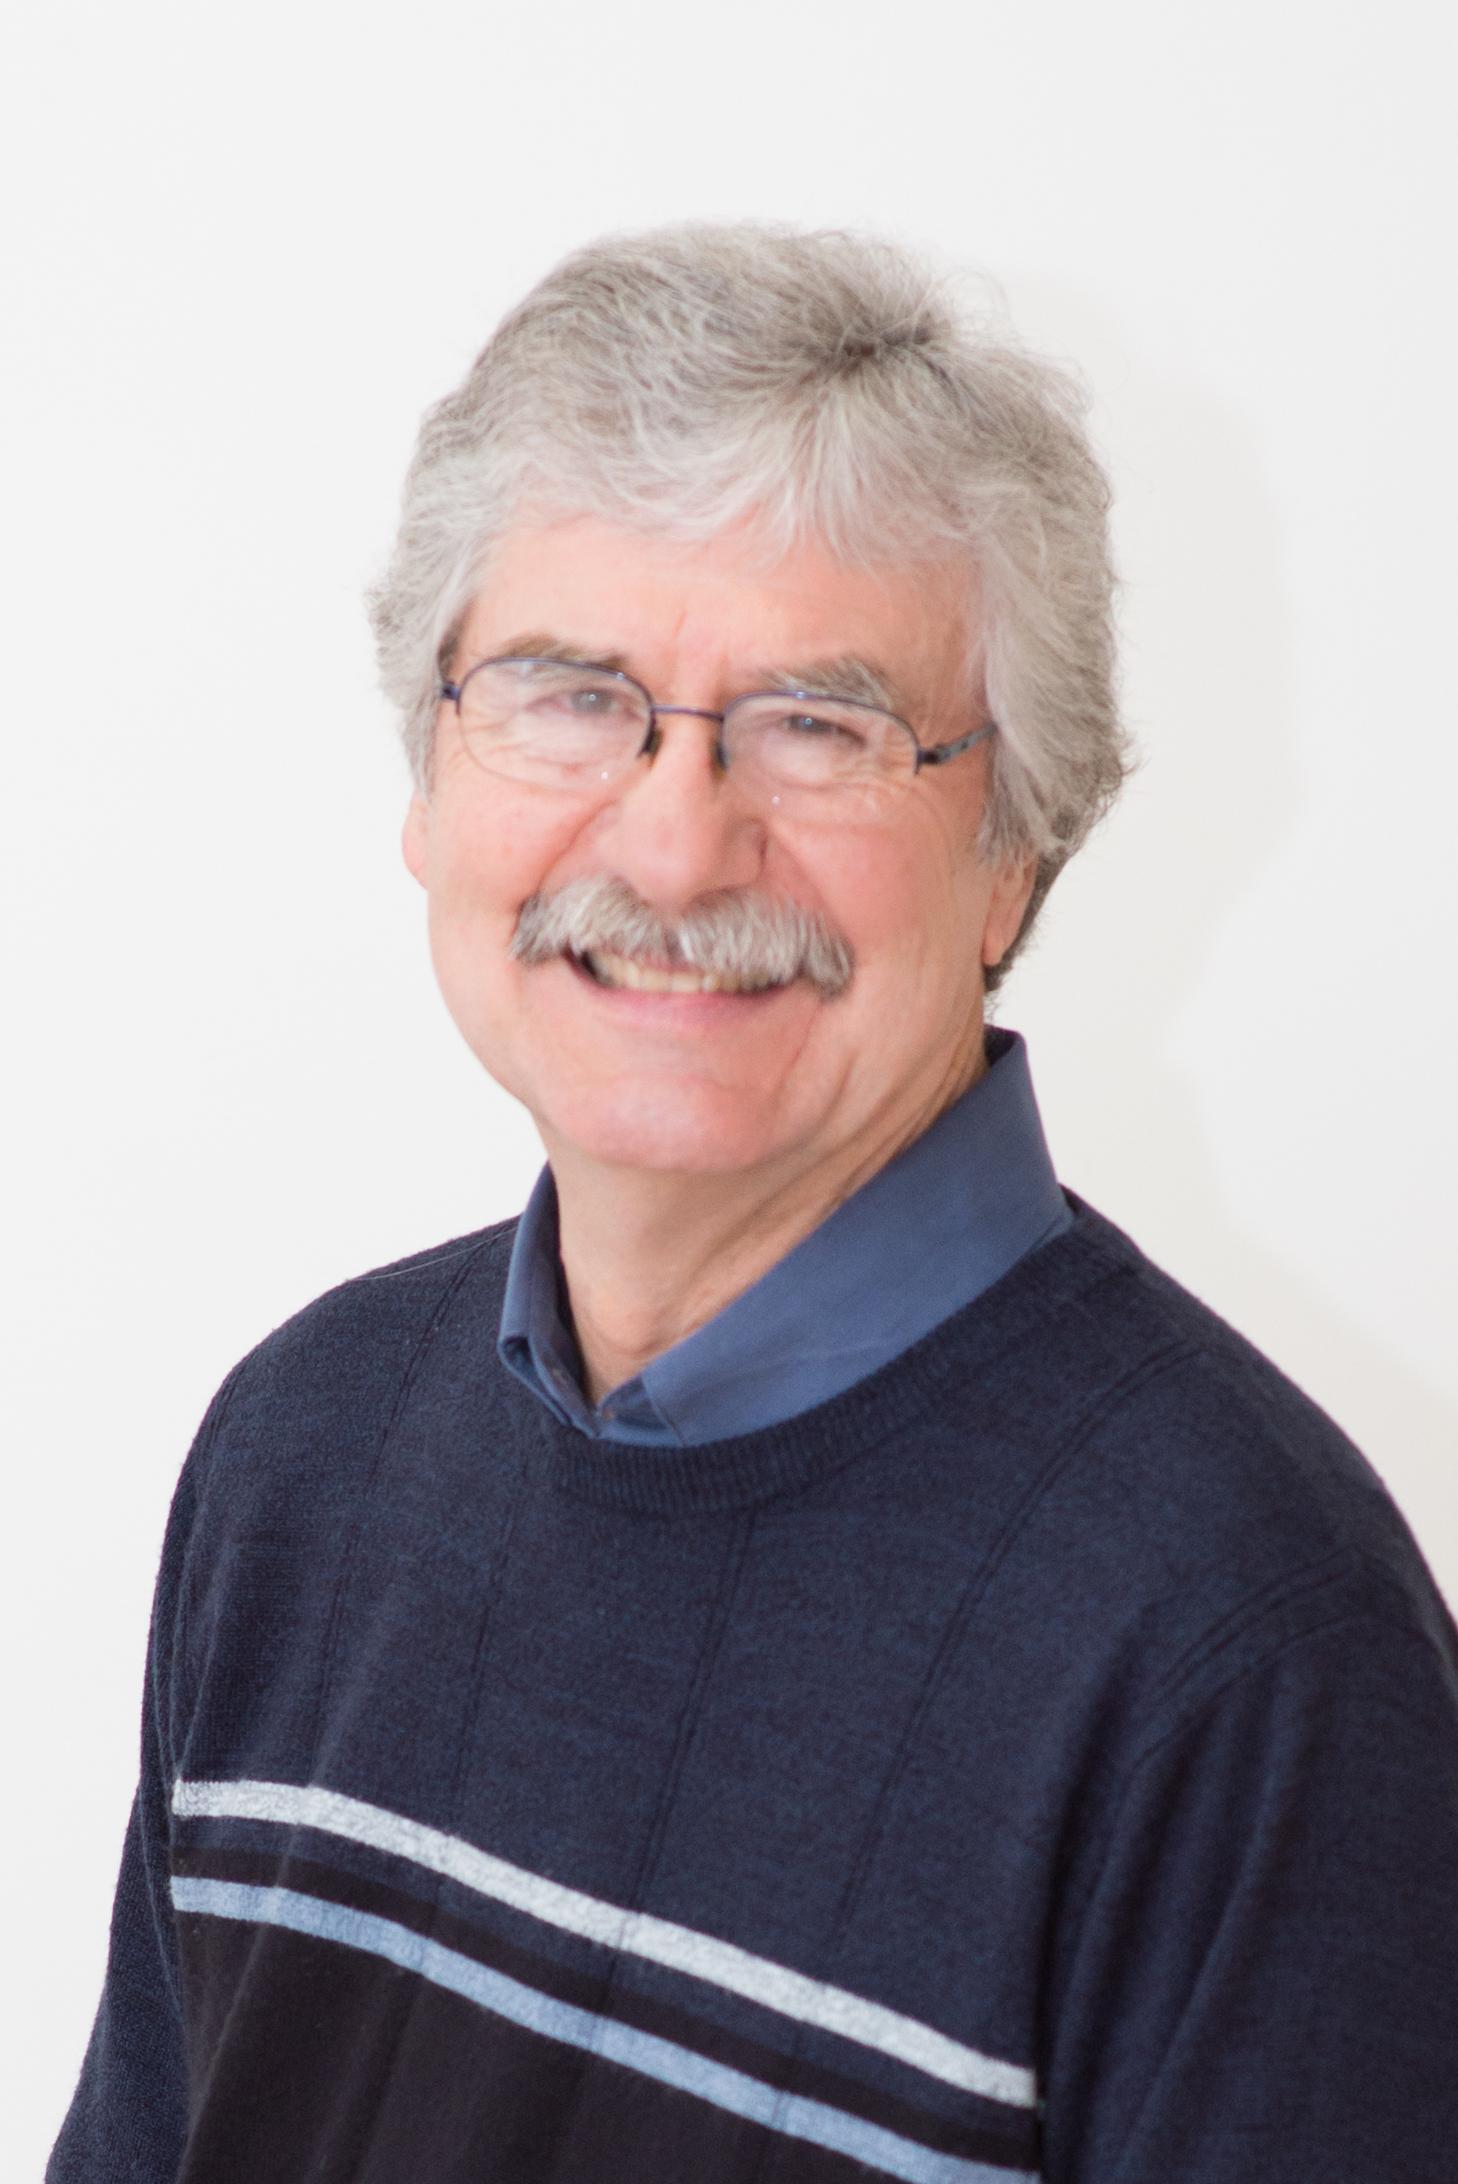 Tom Wojciechowski